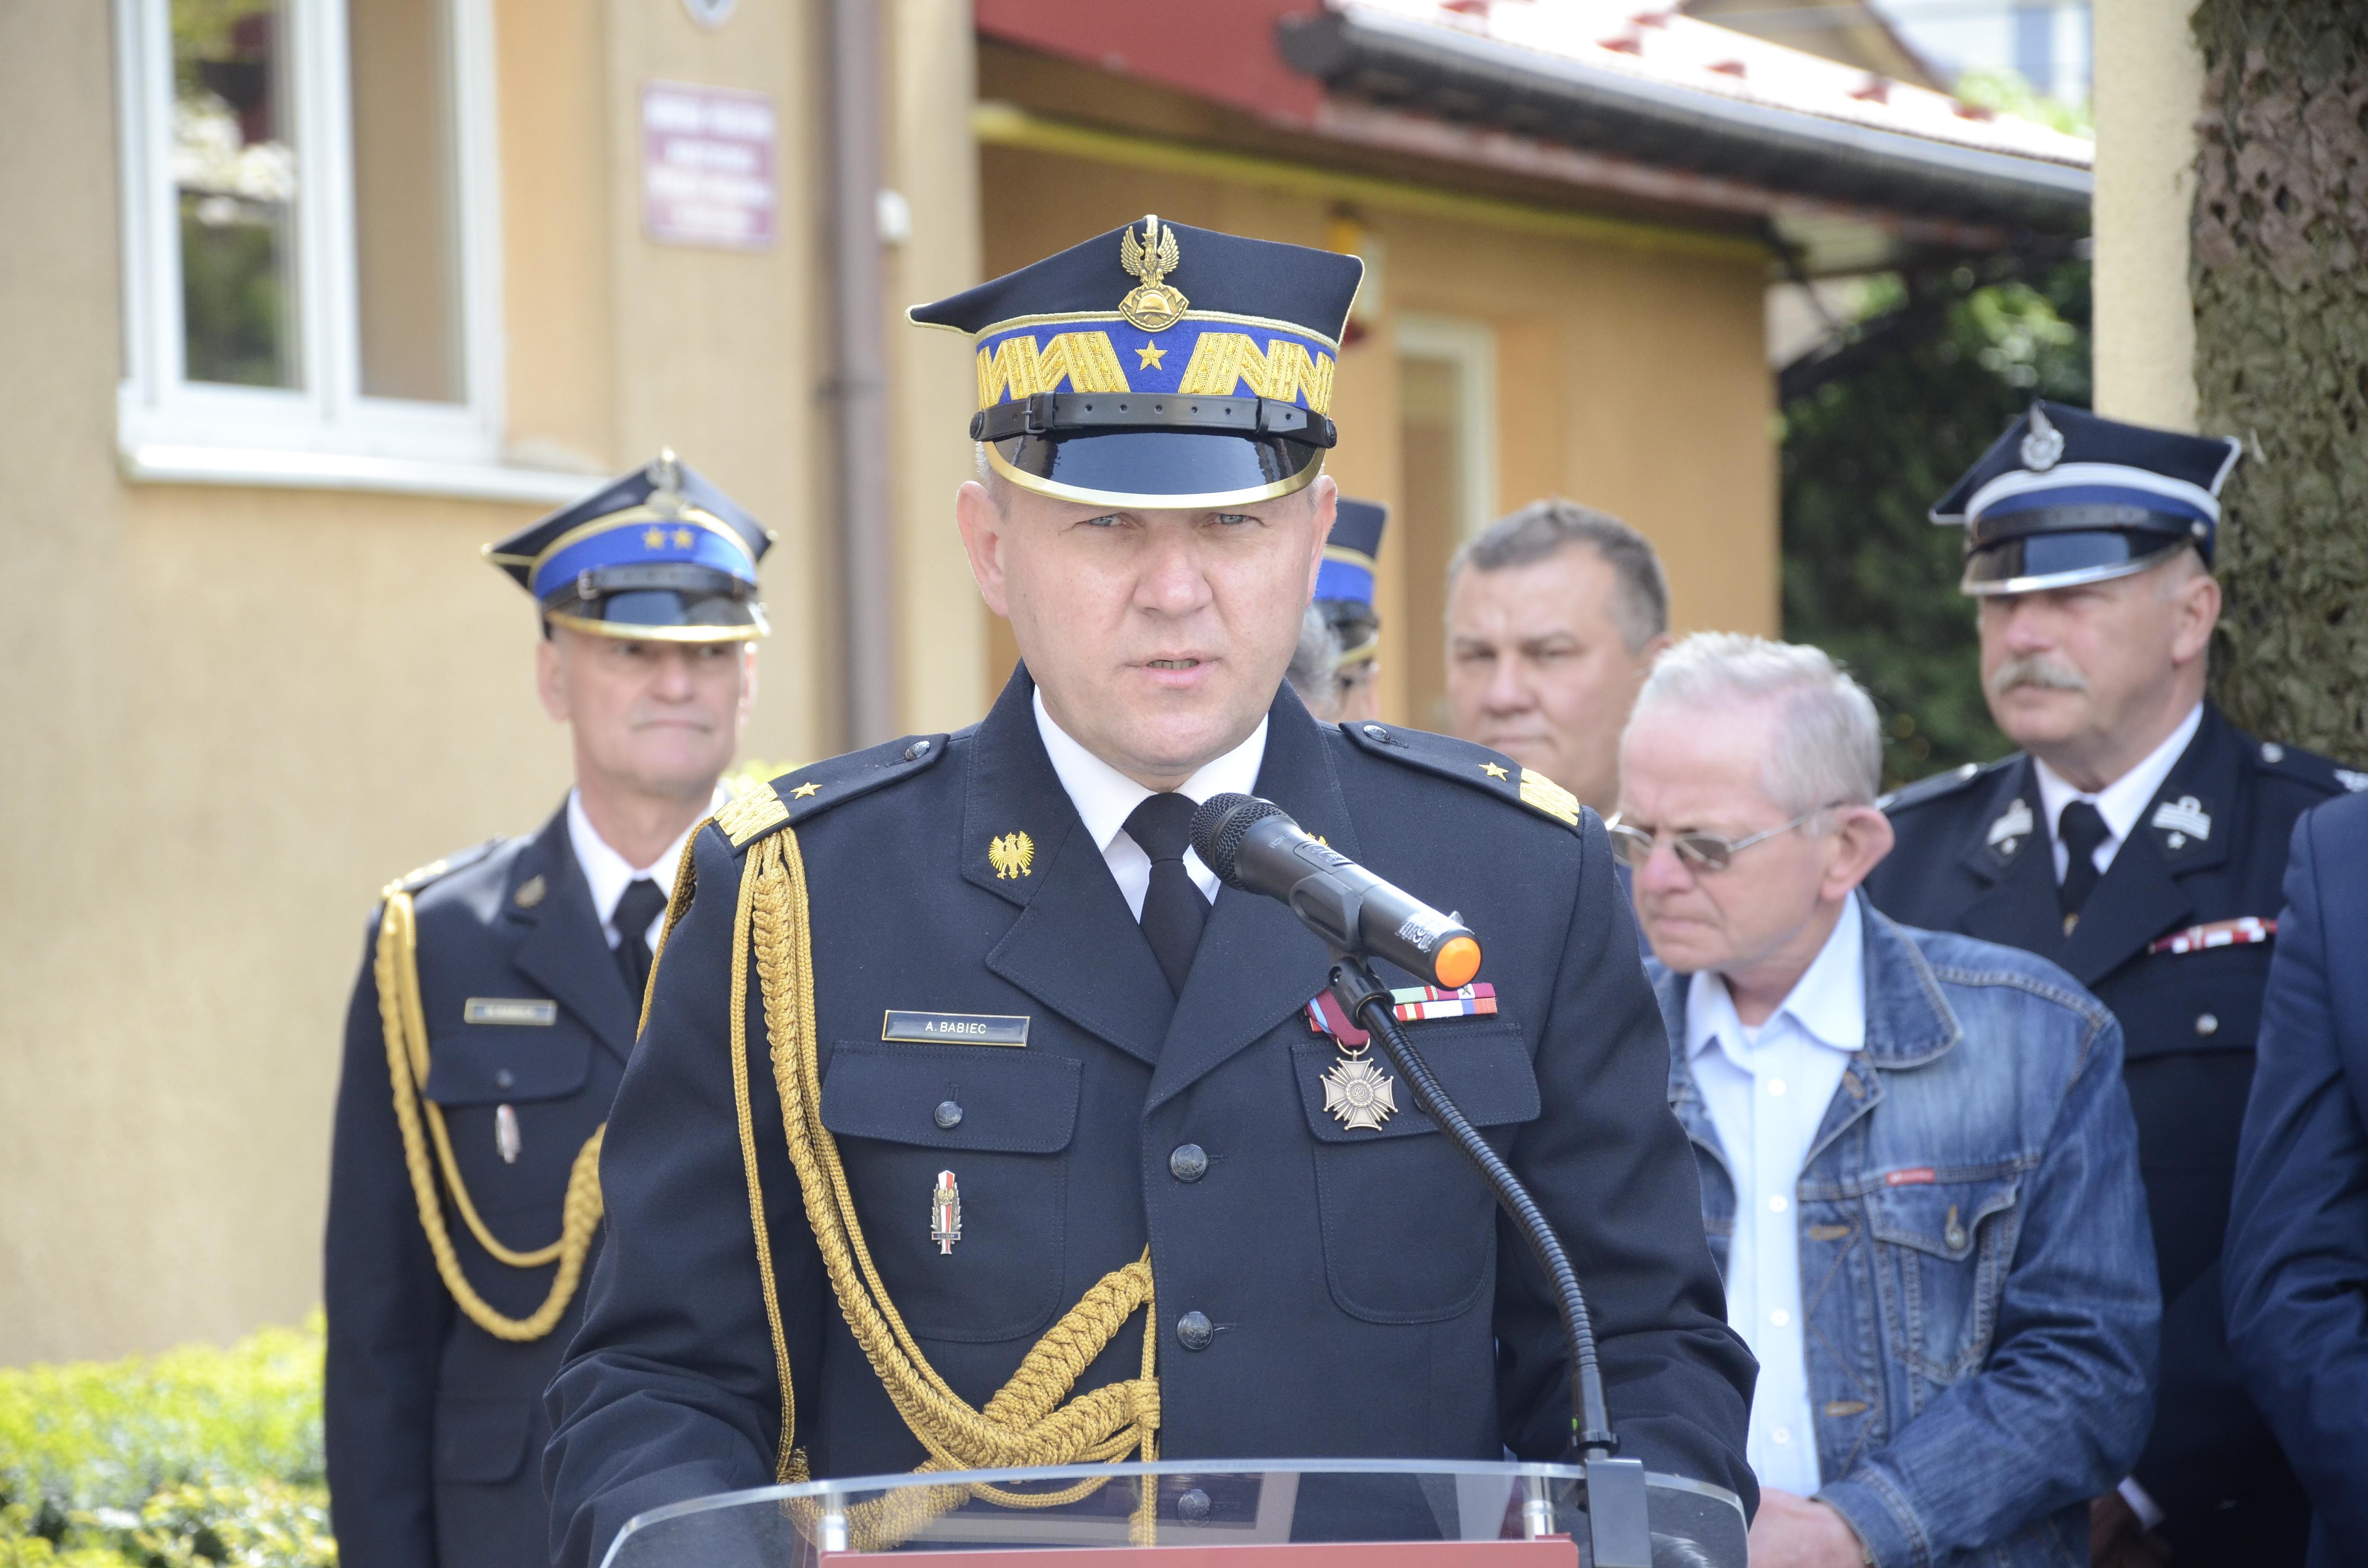 Powiatowe obchody Dnia Strażaka w Kolbuszowej  ZDJĘCIA  - Zdjęcie główne